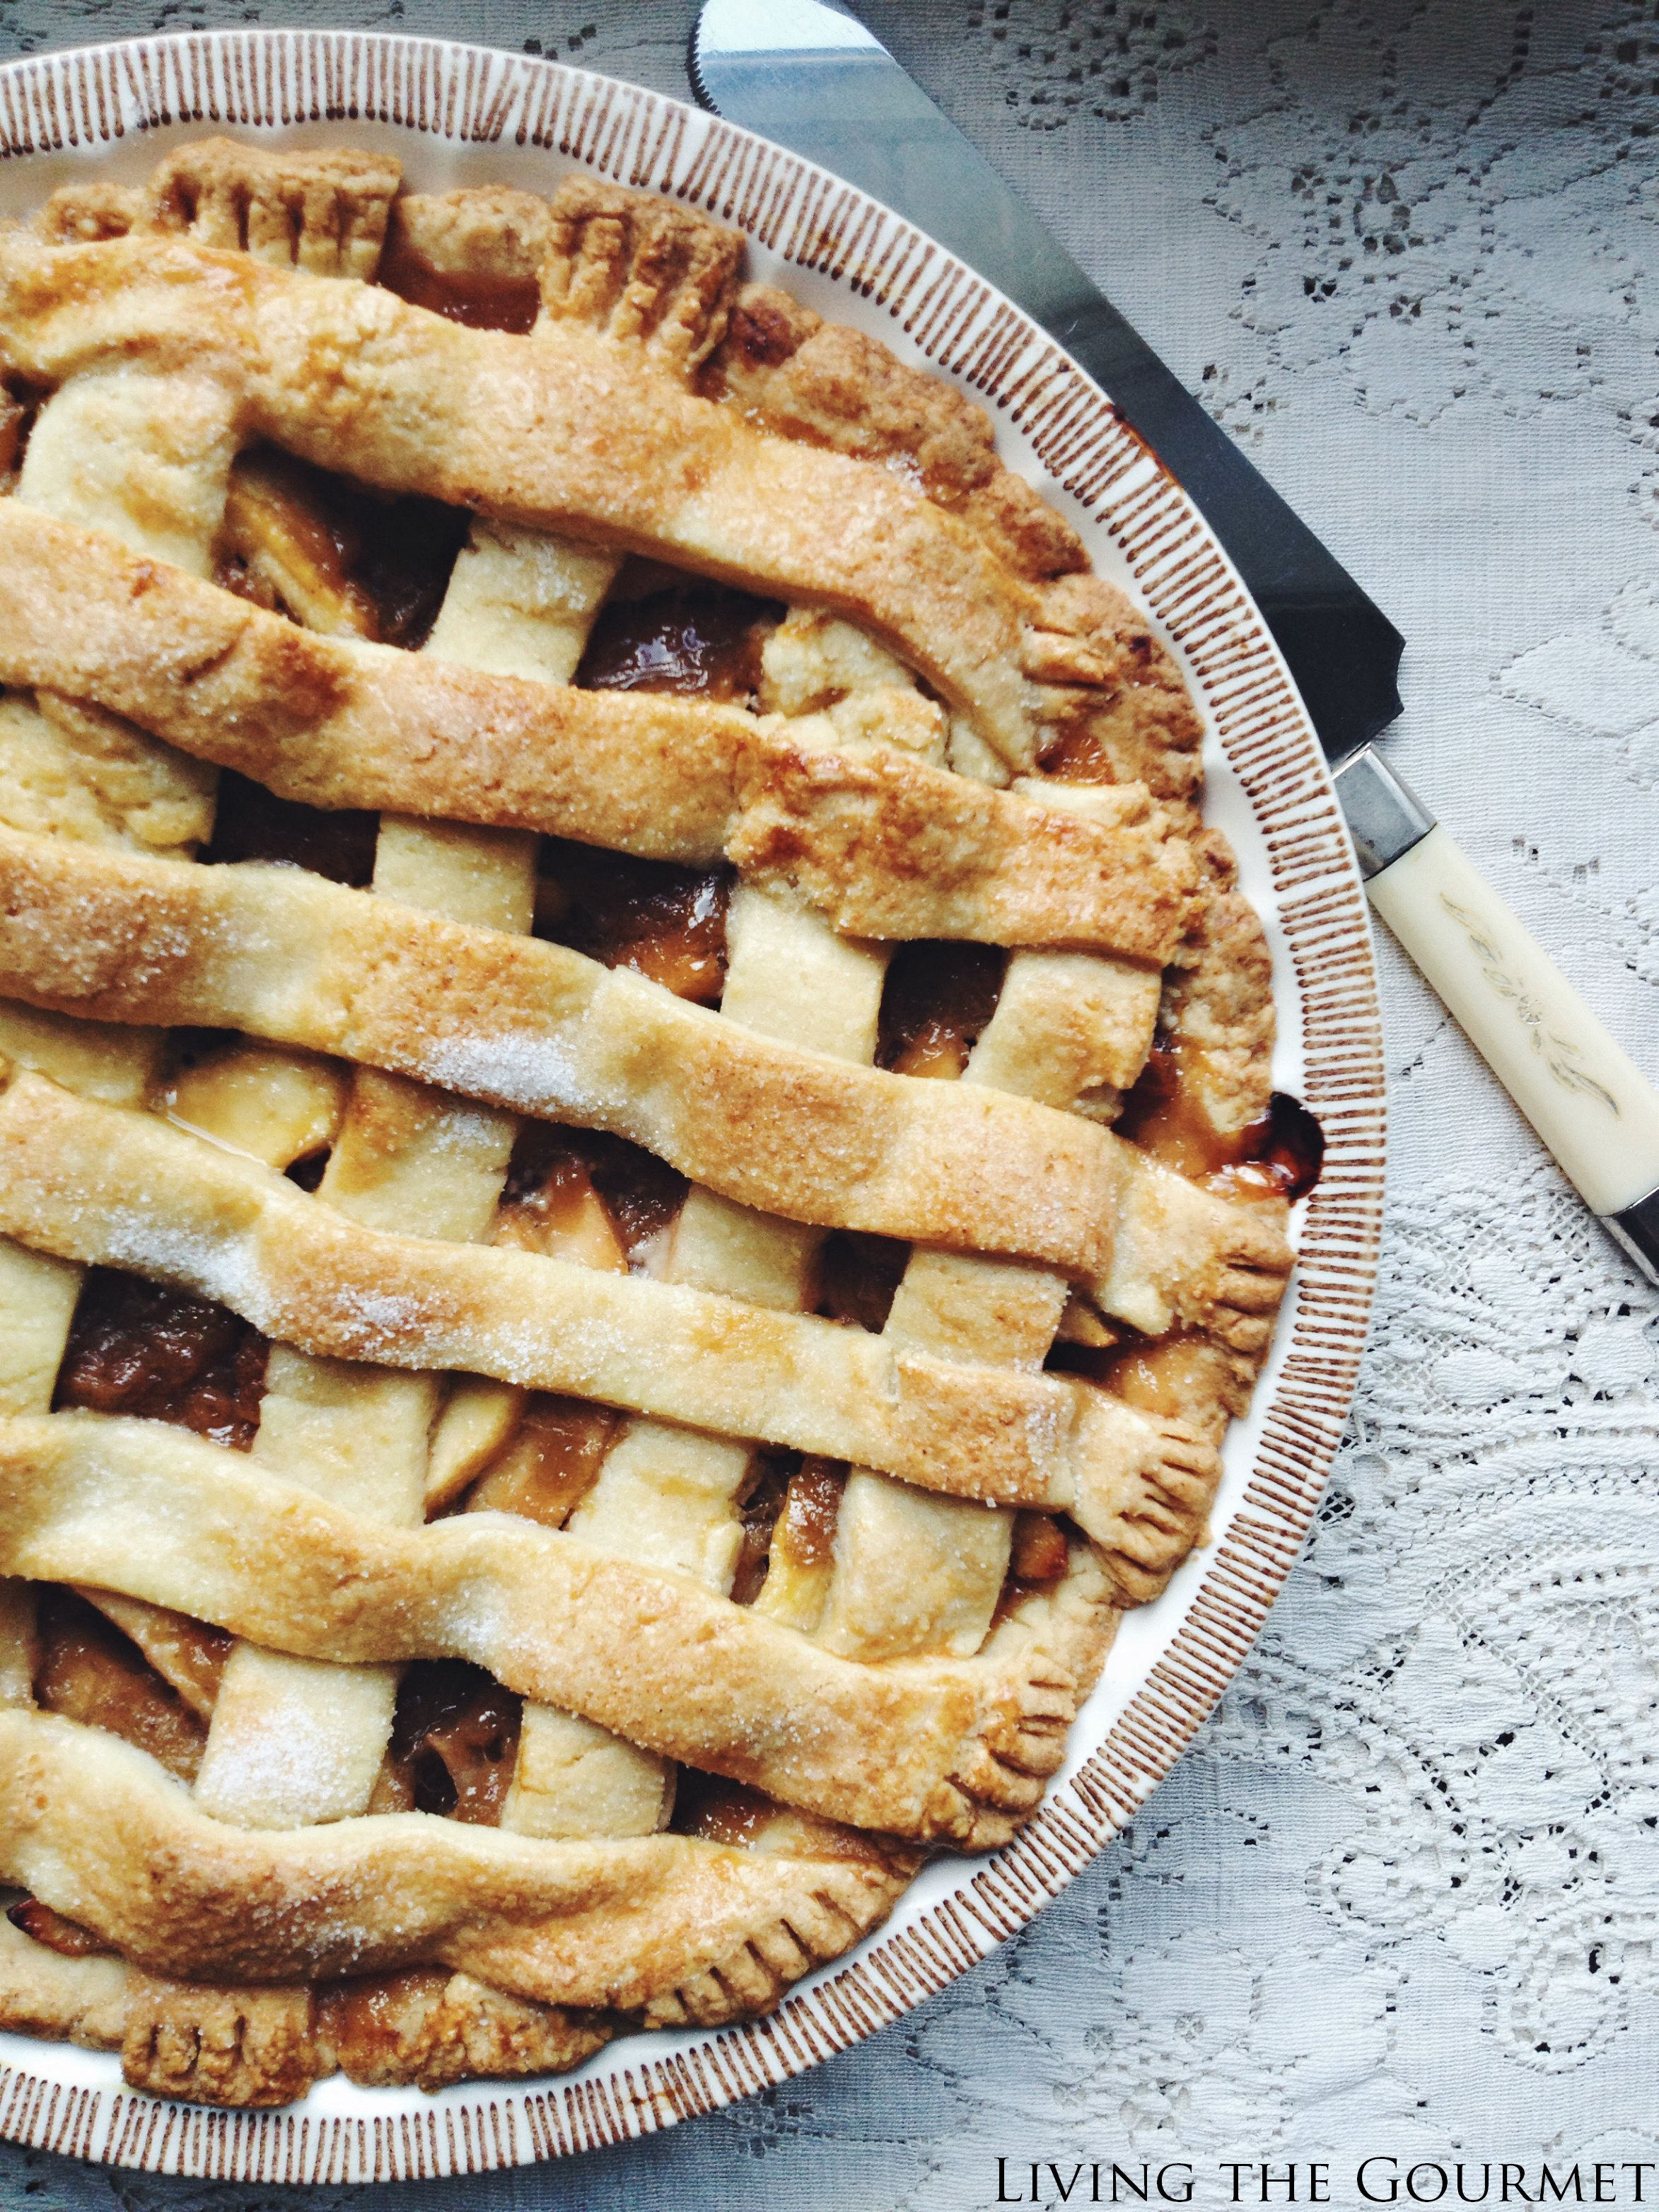 Living the Gourmet: Apple Rhubarb Pie